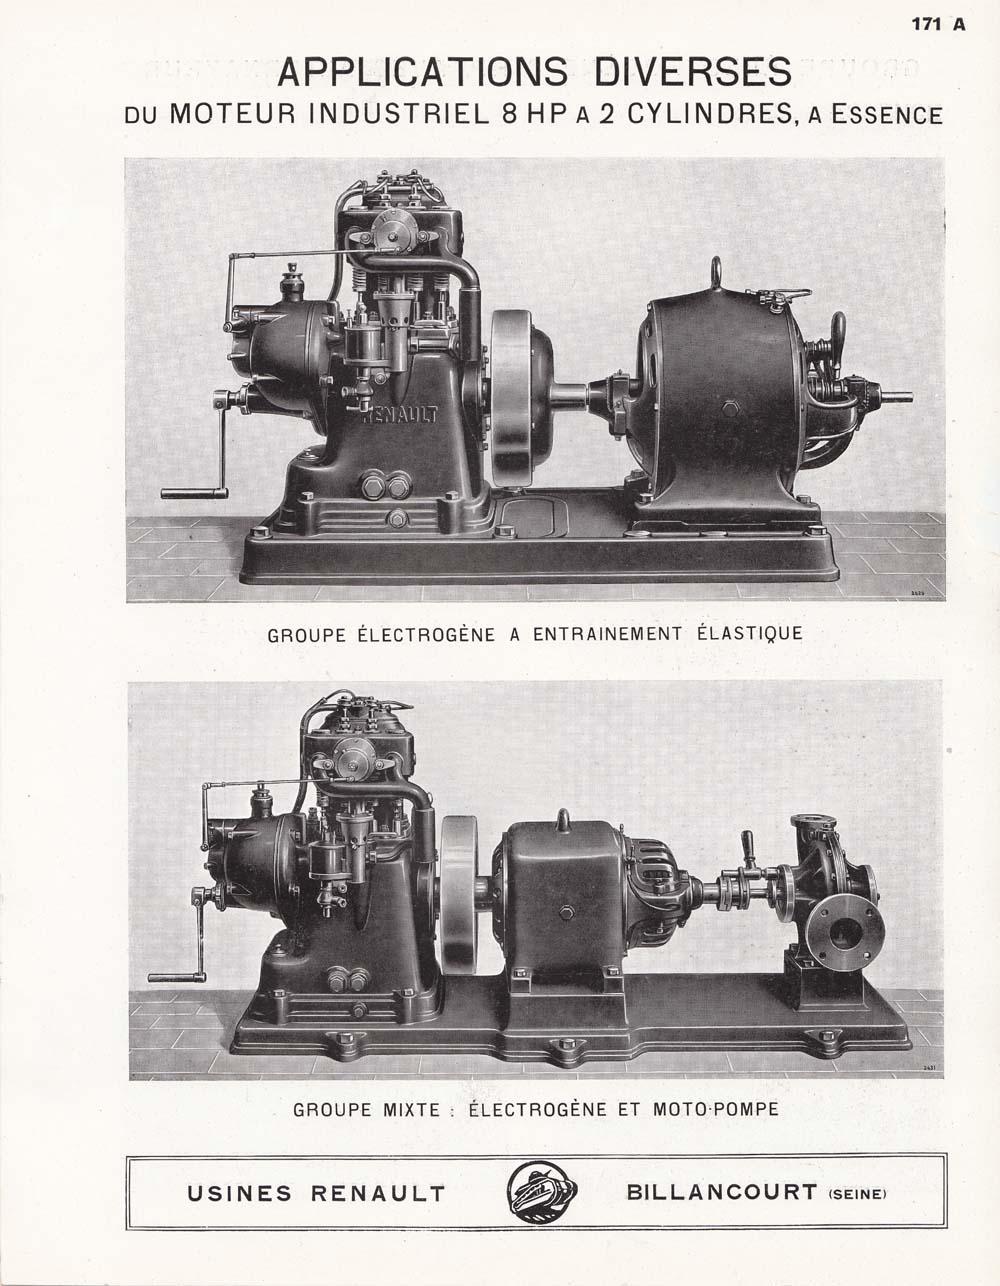 moteur_industriel_8hp_2cyl_1